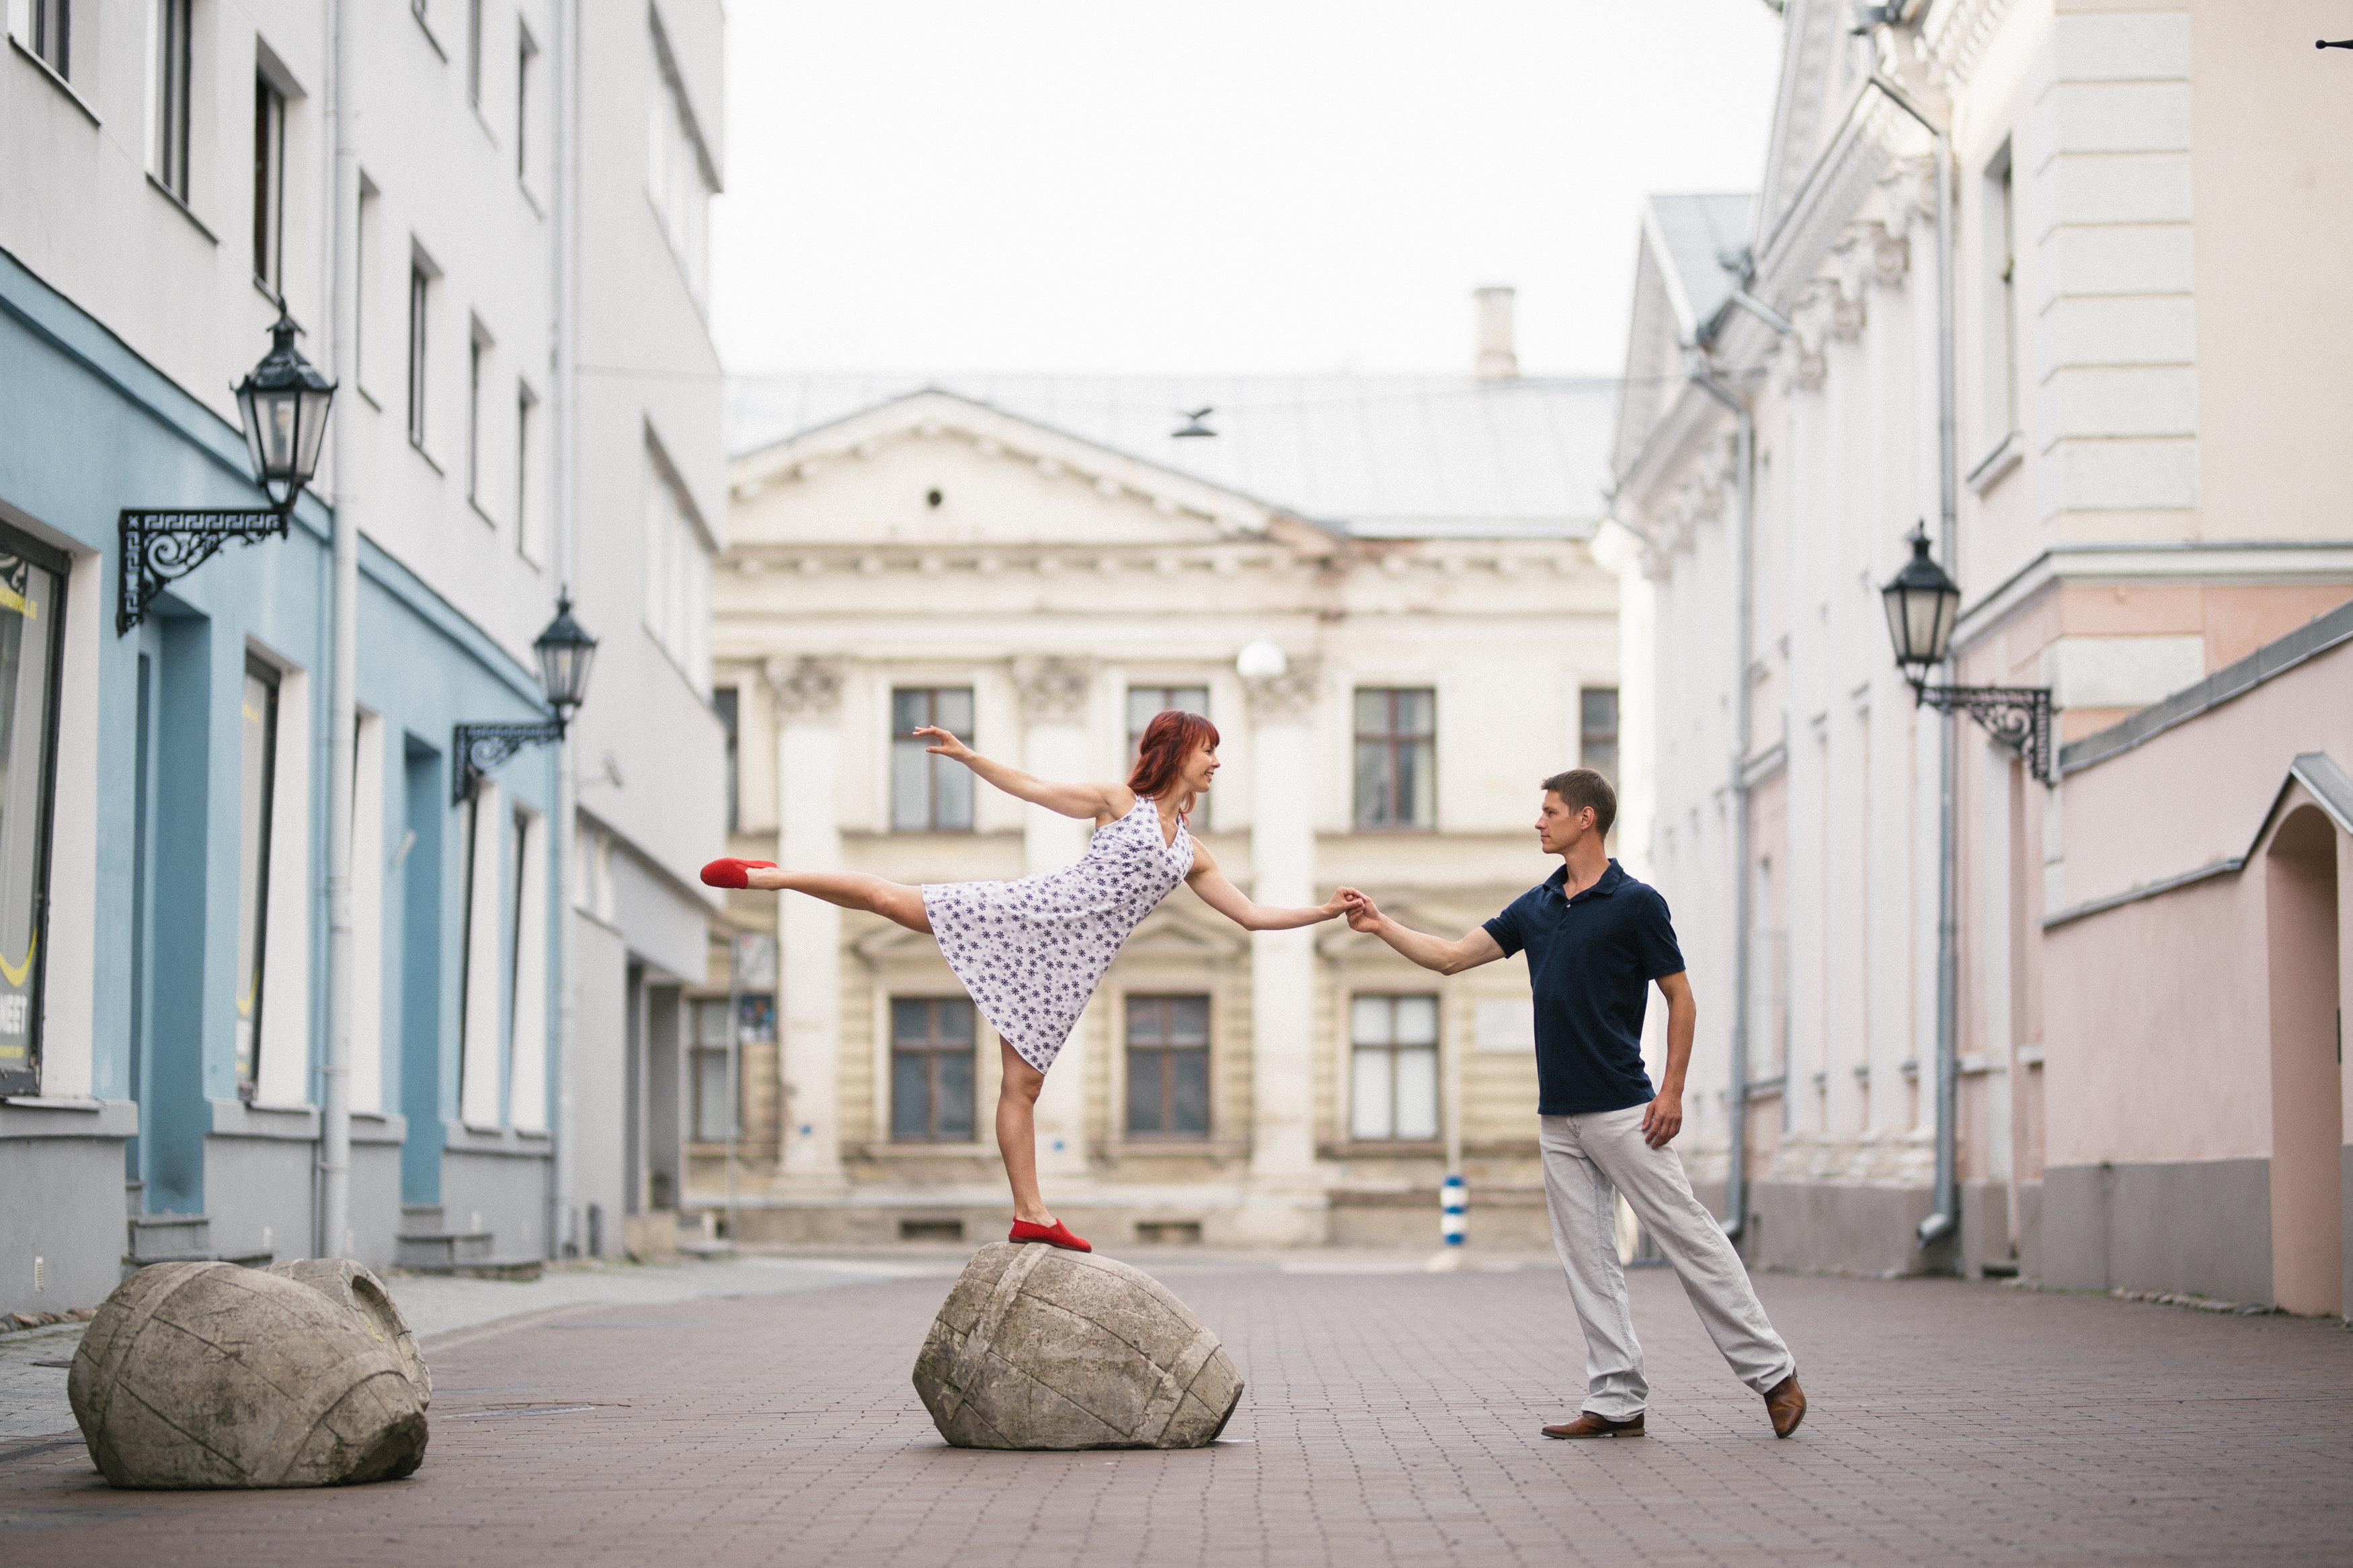 Rüütli tänaval tantsiv paar